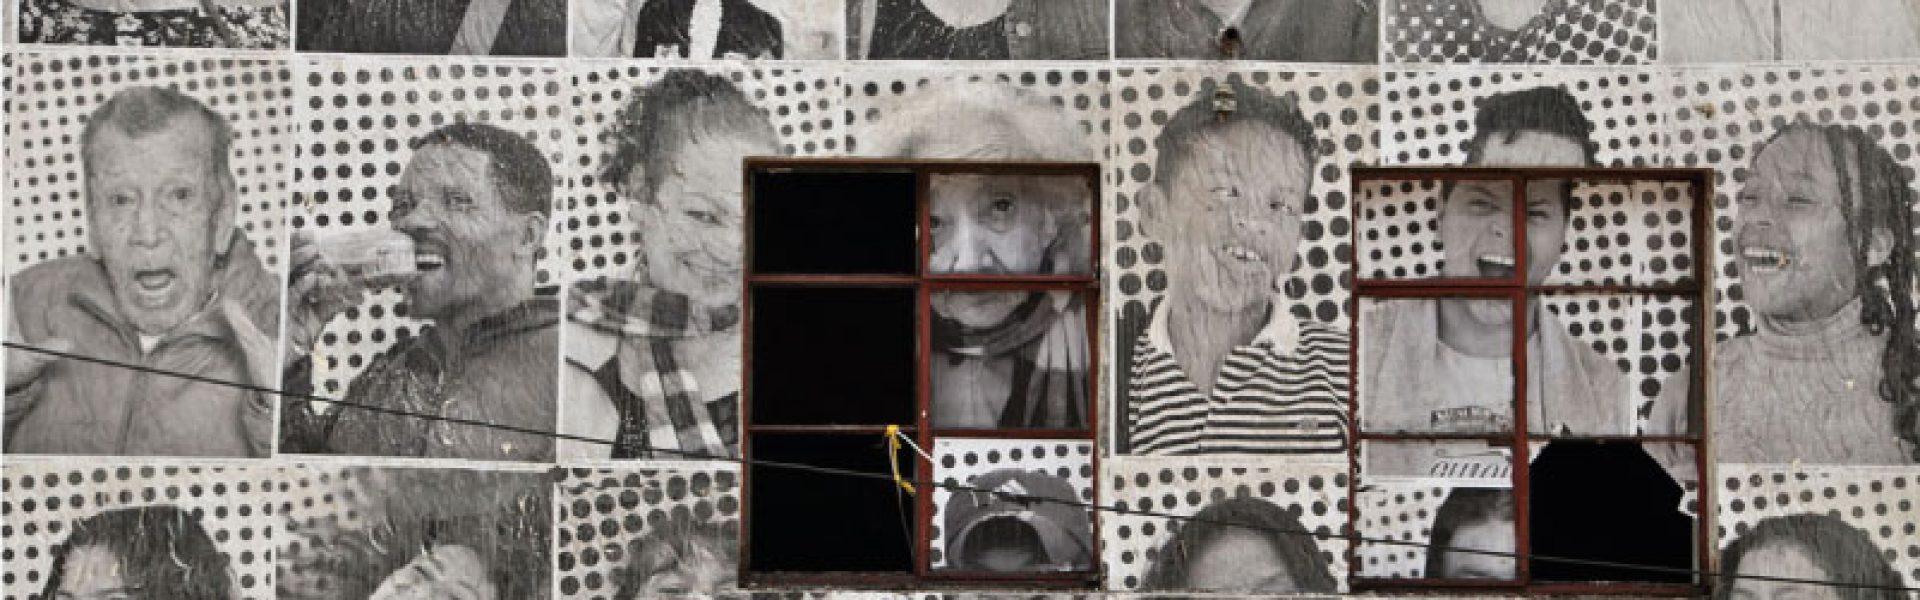 El-Bronx-Distrito-Creativo-se-convierte-en-una-galería-de-arte-al-aire-libre